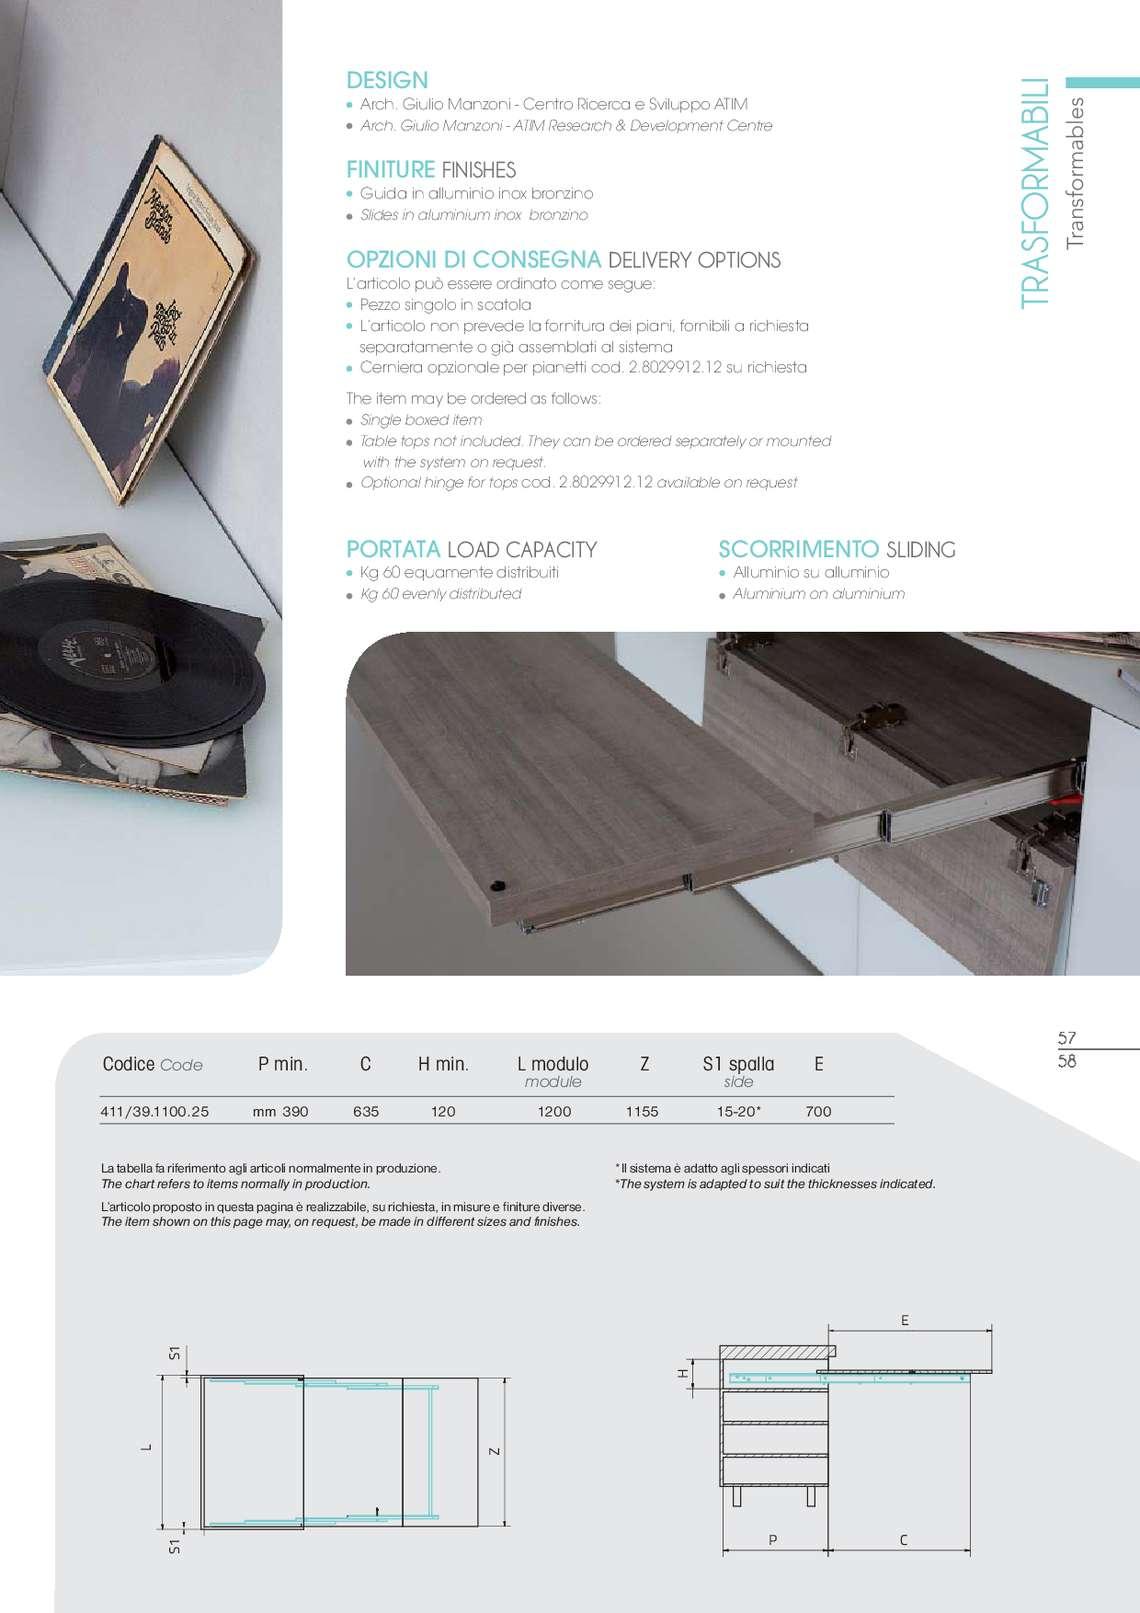 catalogo-trasformabili-atim_22_062.jpg